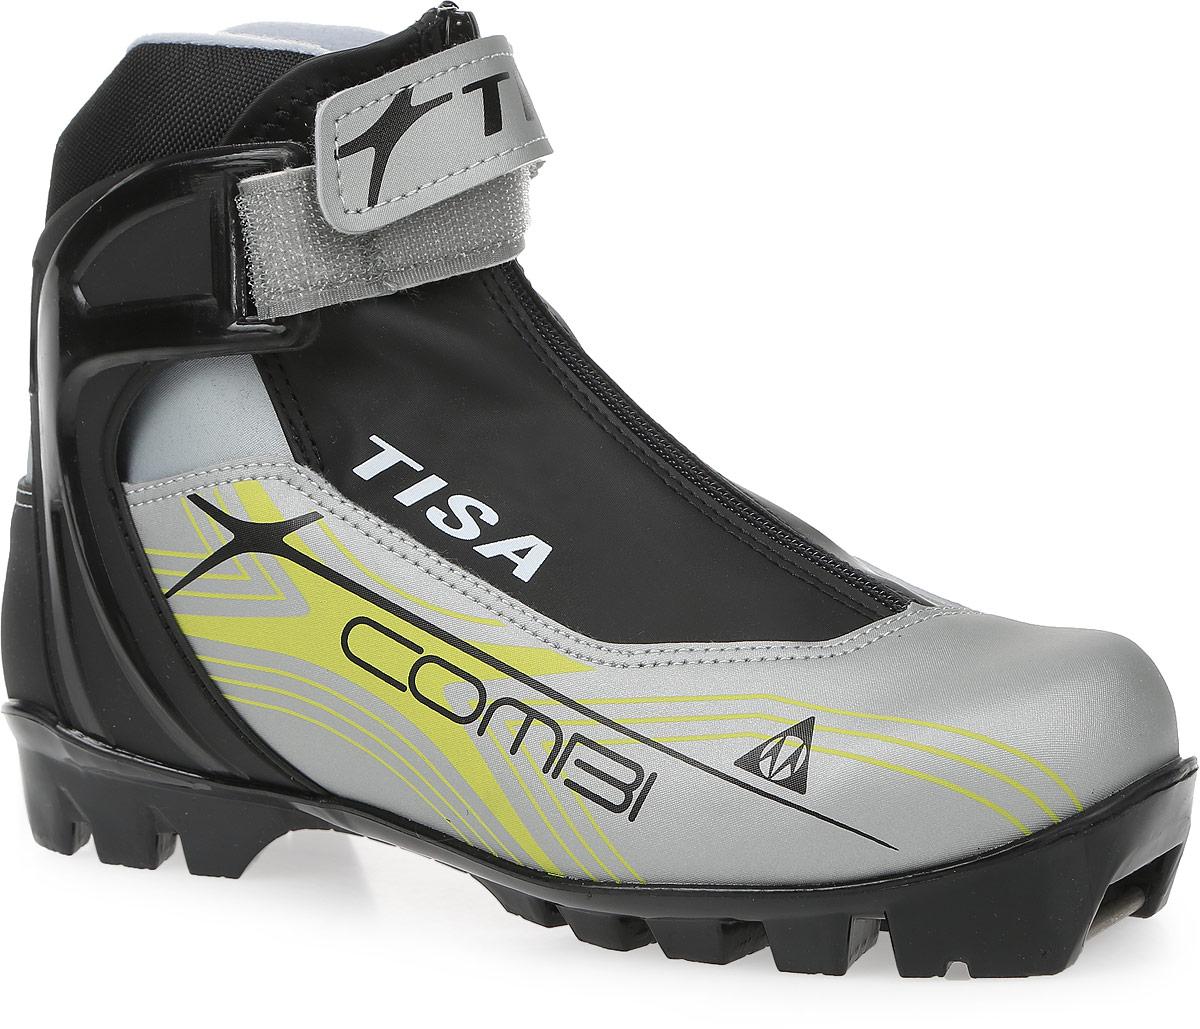 Ботинки лыжные беговые Tisa Combi NNN, цвет: черный, серый, салатовый. Размер 45S75715Лыжные ботинки Tisa Combi NNN выполнены из искусственных материалов в классическом стиле и предназначены для лыжных прогулок и туризма. Язык защищен текстильной вставкой на застежке-молнии. Подкладка, исполненная из мягкого флиса и искусственного меха, защитит ноги от холода и обеспечит уют. Верх изделия оформлен удобной шнуровкой с петлями из текстиля. Вставки в мысовой и пяточной частях предназначены для дополнительной жесткости. Манжета Control Cuff поддерживает голеностоп. Подошва системы NNN выполнена из полимерного термопластичного материала. С одной из боковых сторон лыжные ботинки дополнены принтом в виде логотипа бренда.